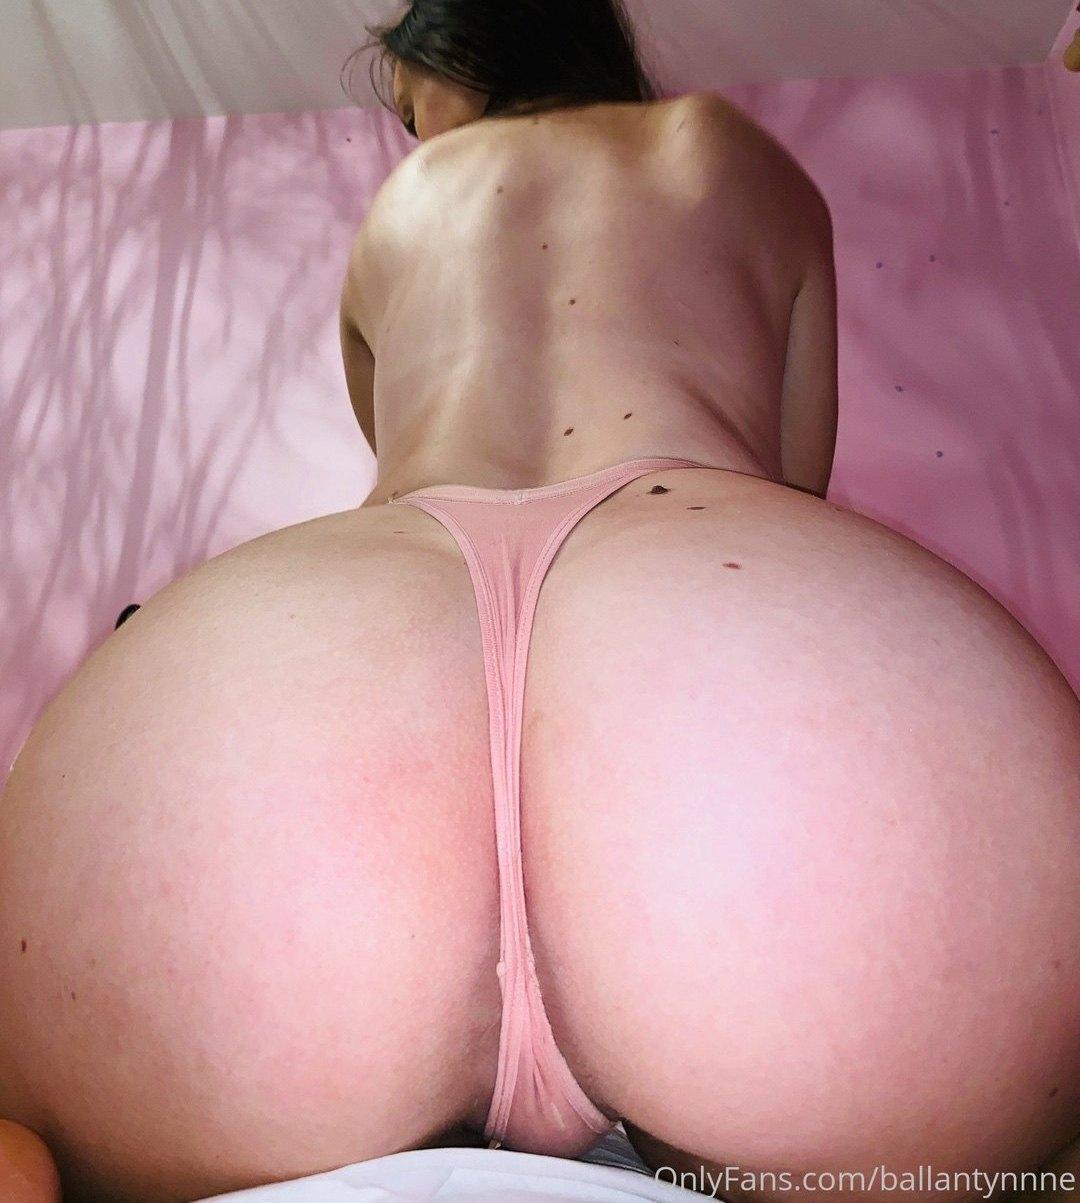 Ballantynnne Onlyfans Nudes Leaks 0012